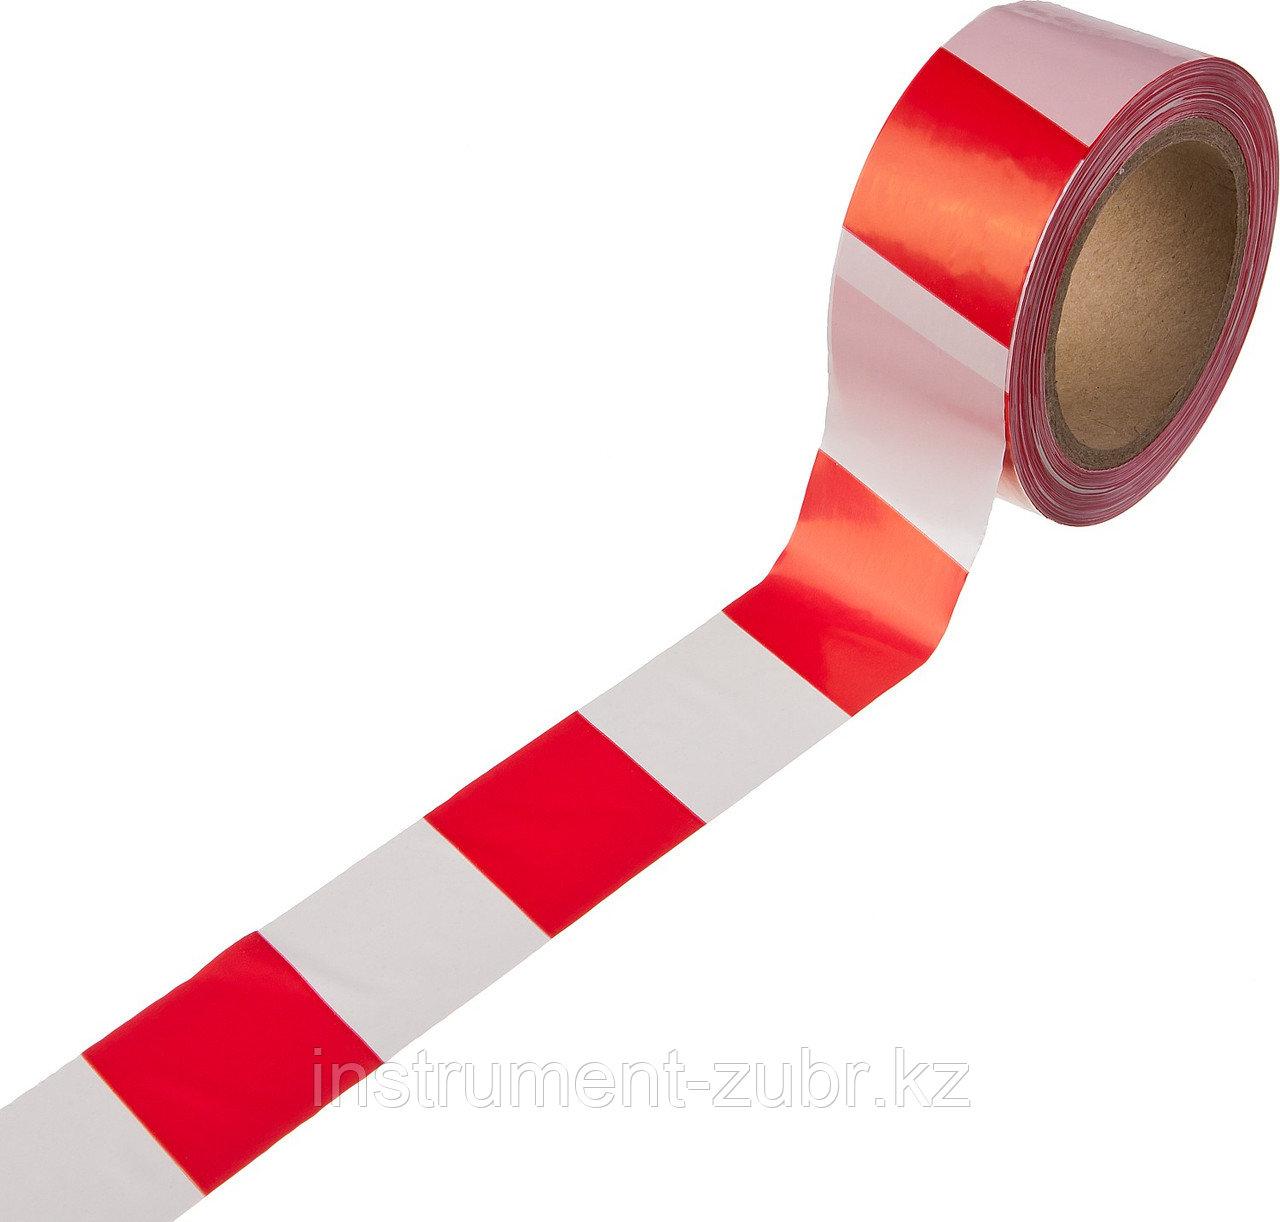 Сигнальная лента, цвет красно-белый, 50мм х 150м, STAYER Master